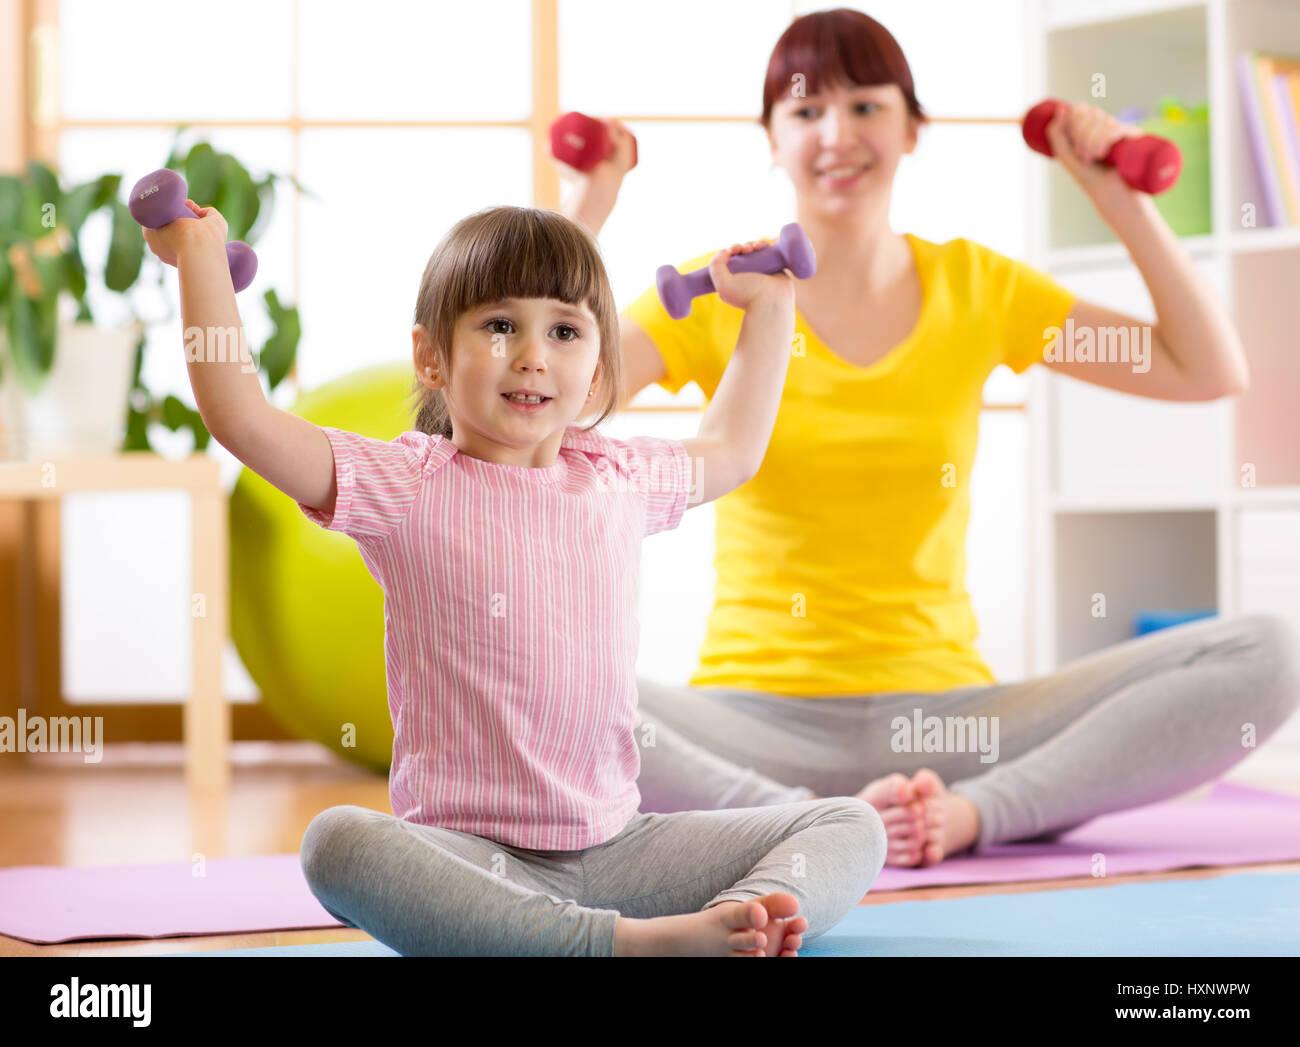 Femme et son enfant fille faisant des exercices de fitness avec haltères Photo Stock